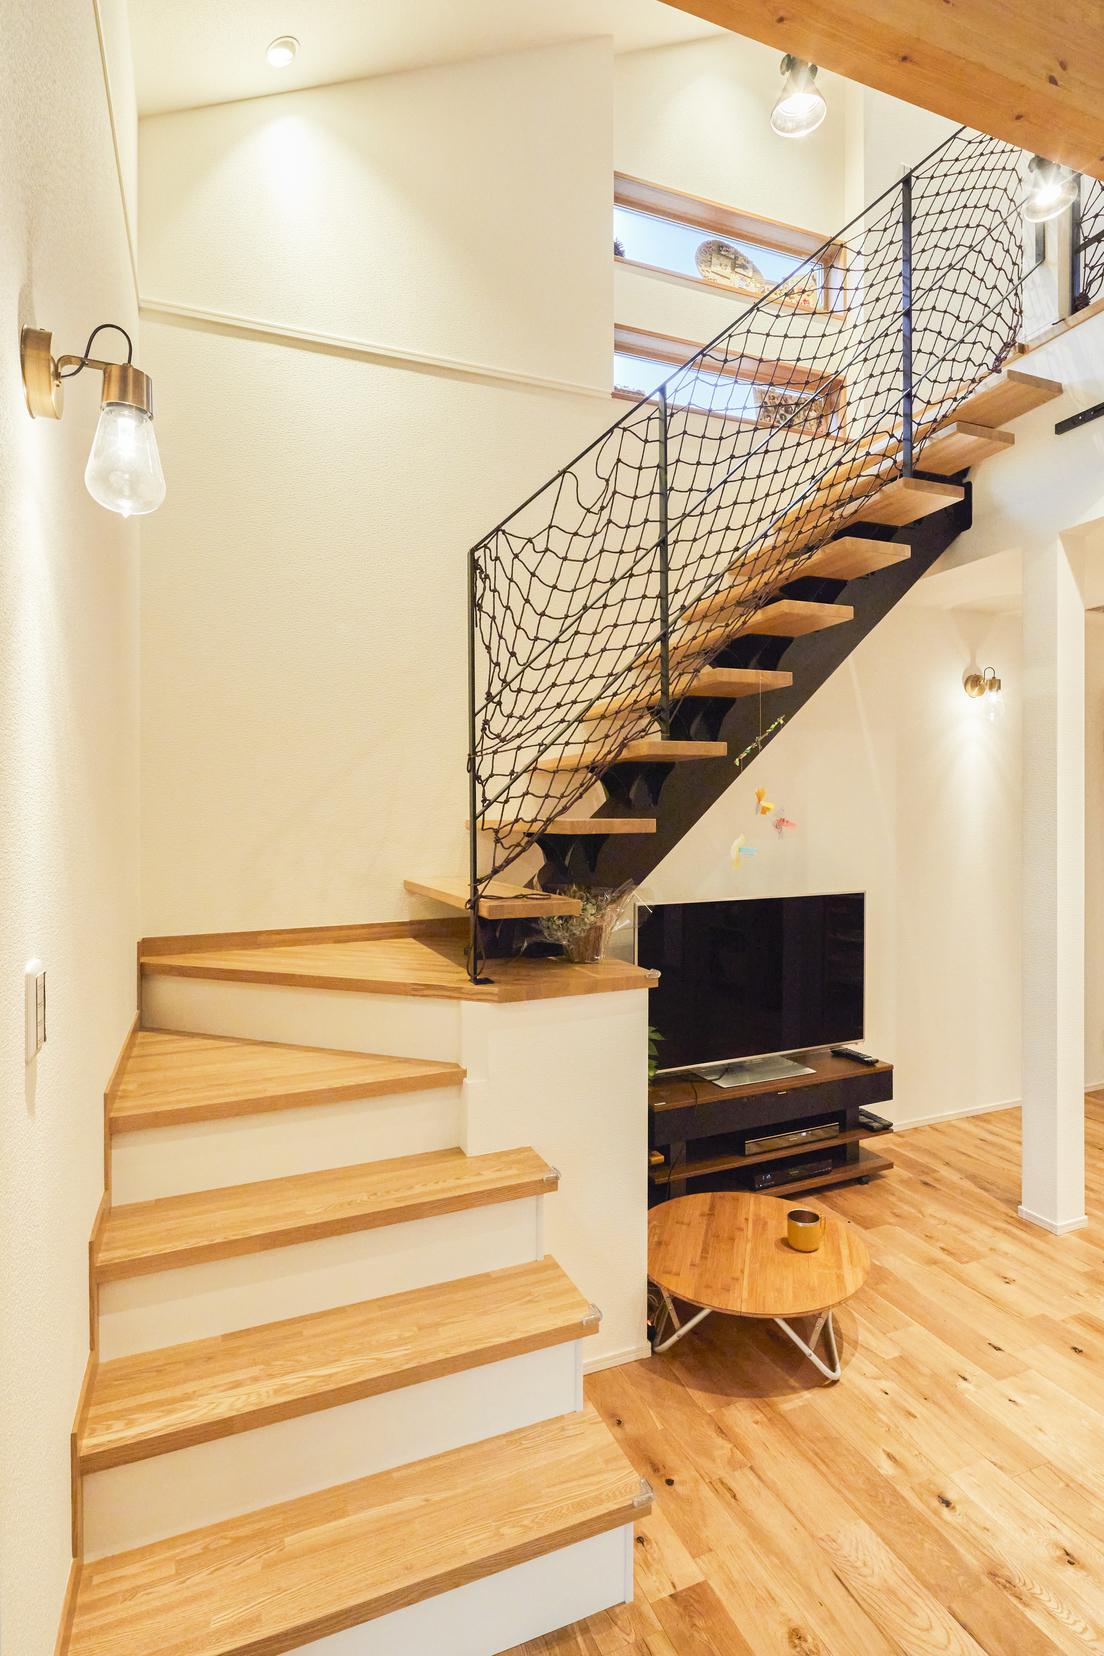 アイアンの手すりが特徴的なリビングのオープン階段